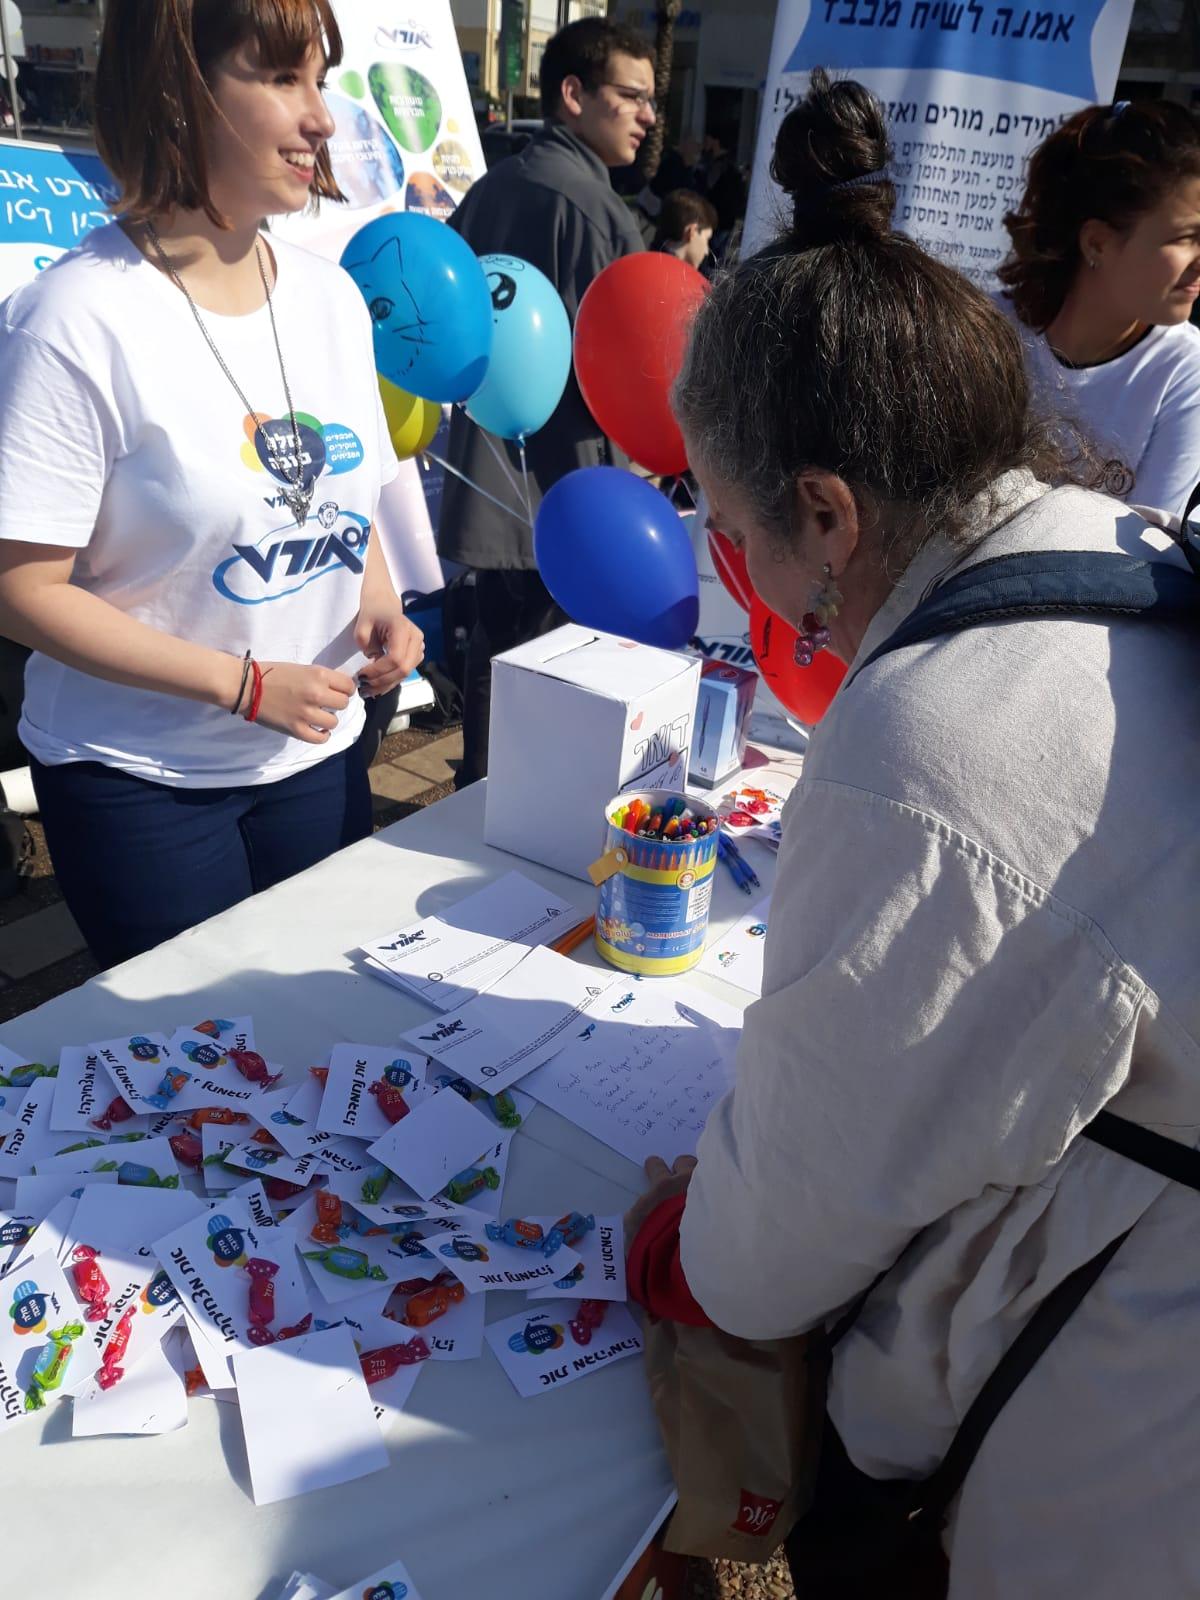 שולחים מכתבים חיוביים ביום המילה הטובה, כיכר רבין (צילום: באדיבות רשת אורט)